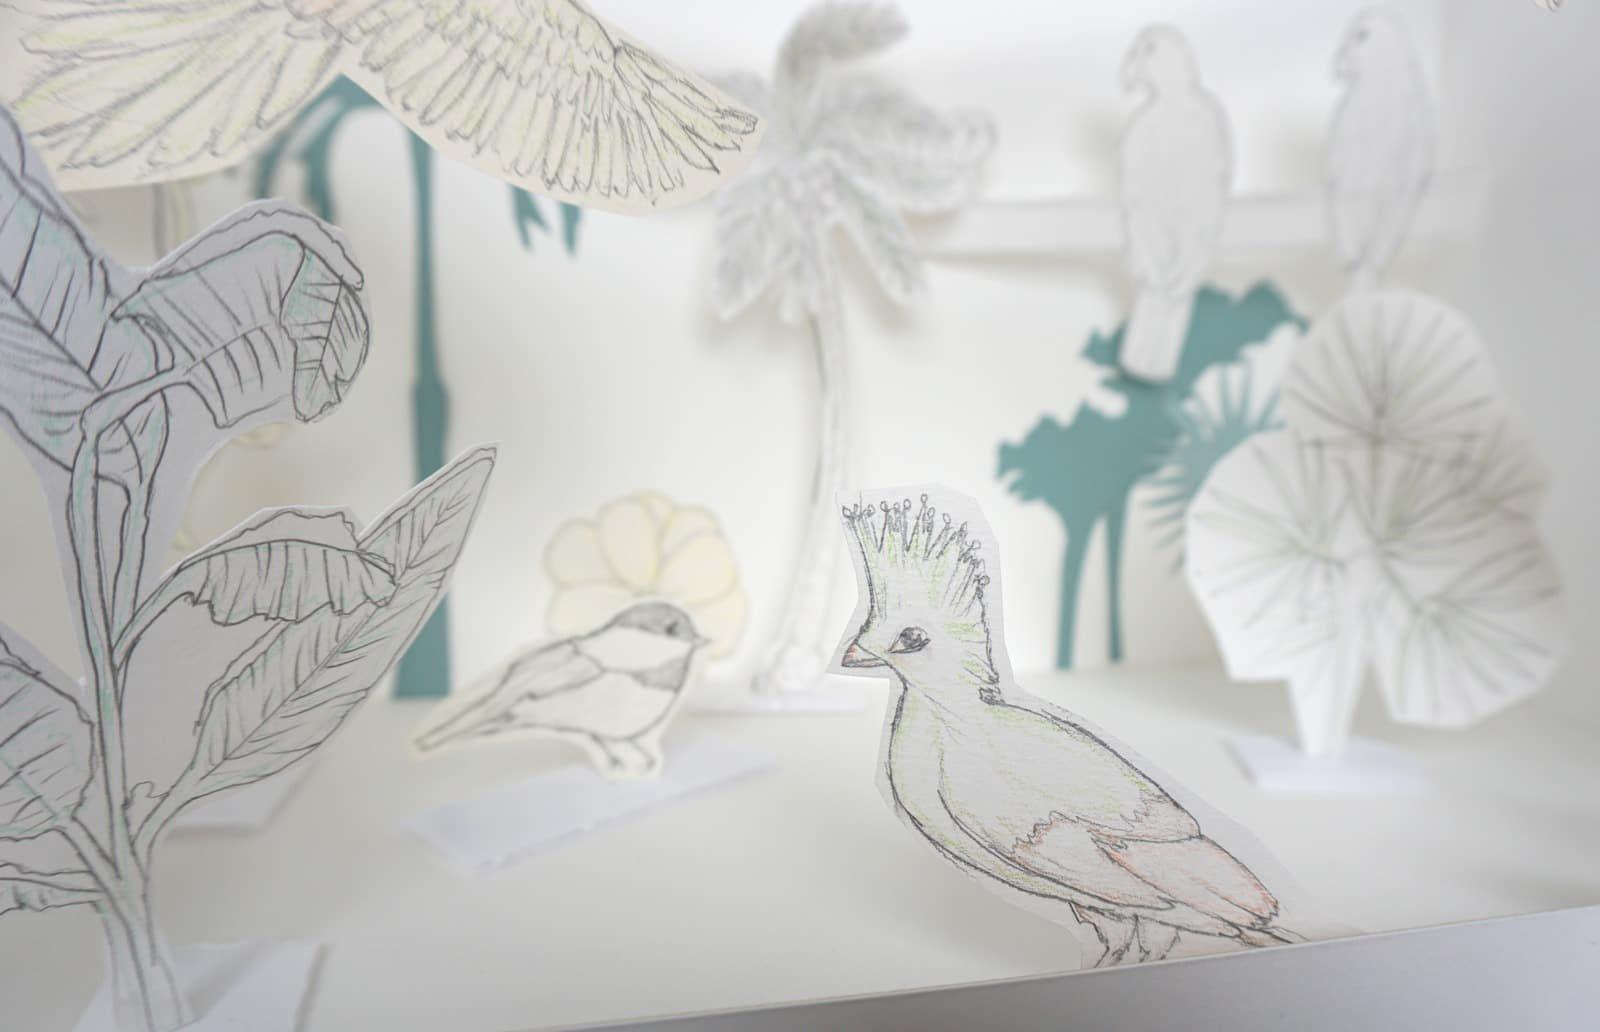 Les oiseaux tropicaux sous la neige - Mise en scene vitrine - Projet Tropiques givres - Detail